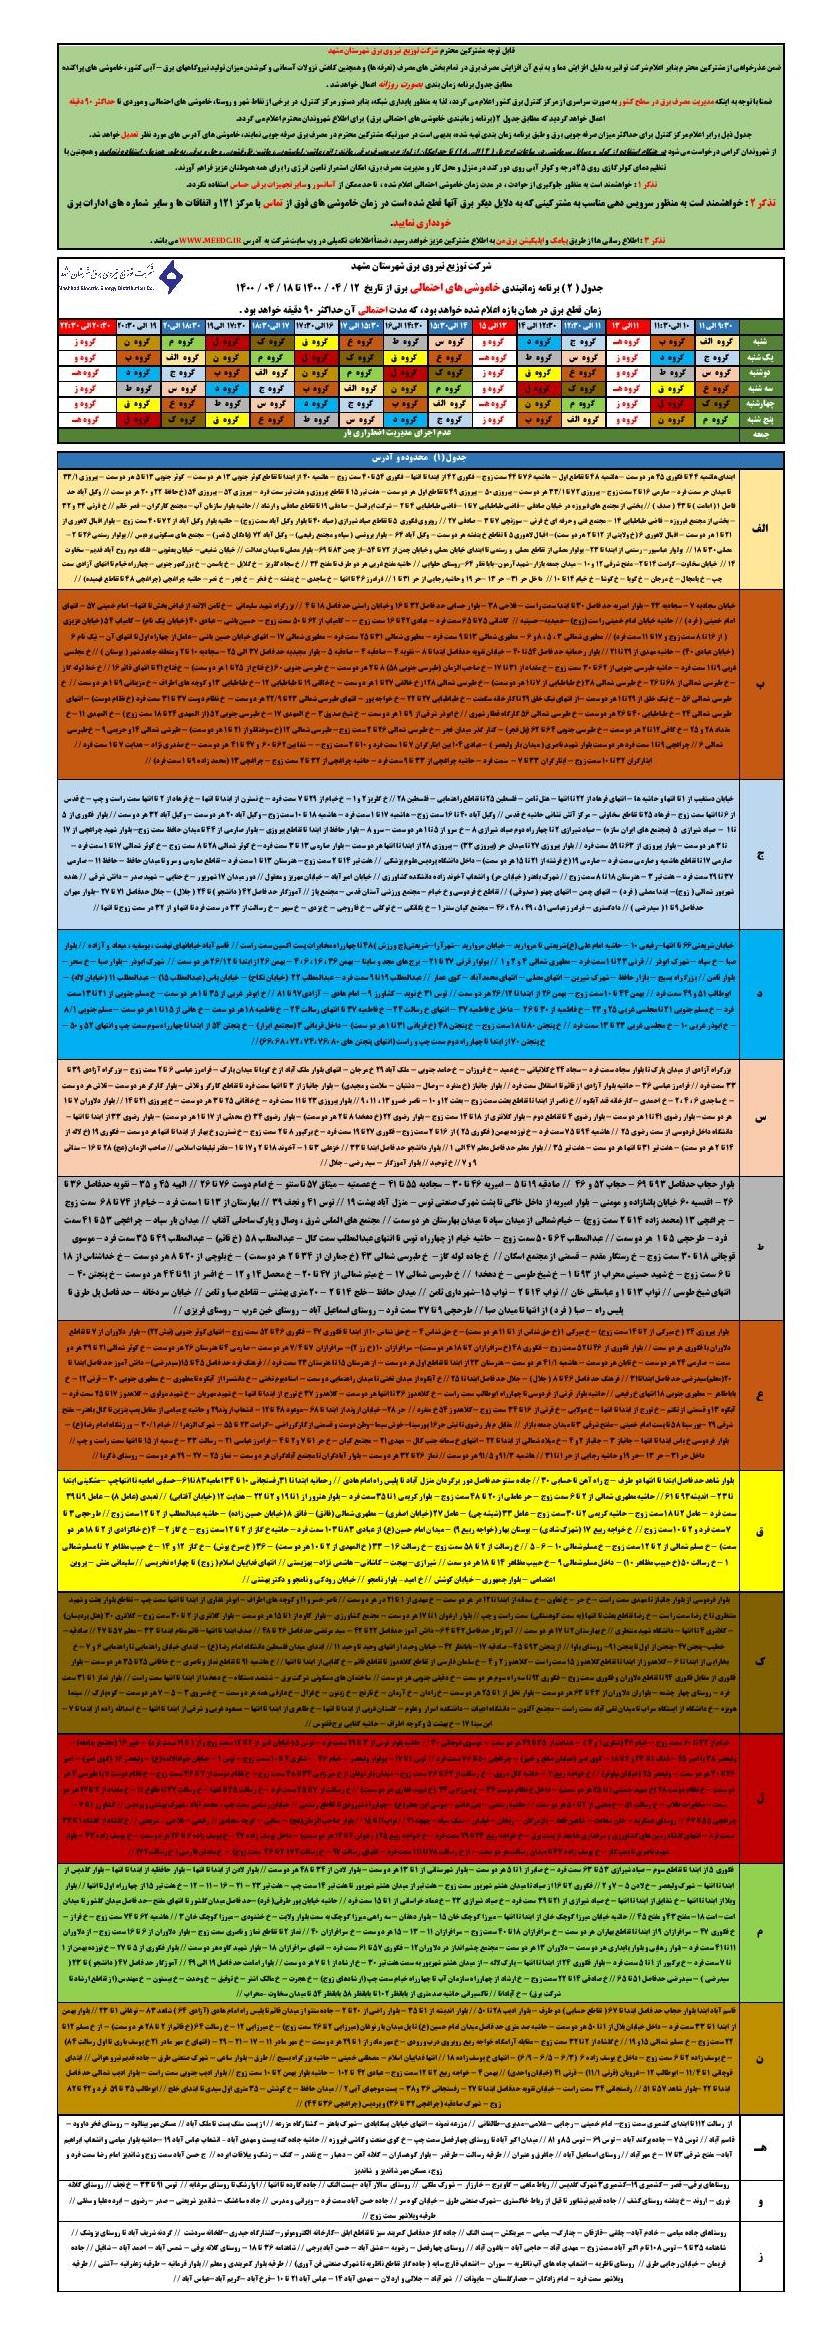 جدول قطعی برق مشهد امروز ۱۲ تیر + دانلود لیست مناطق